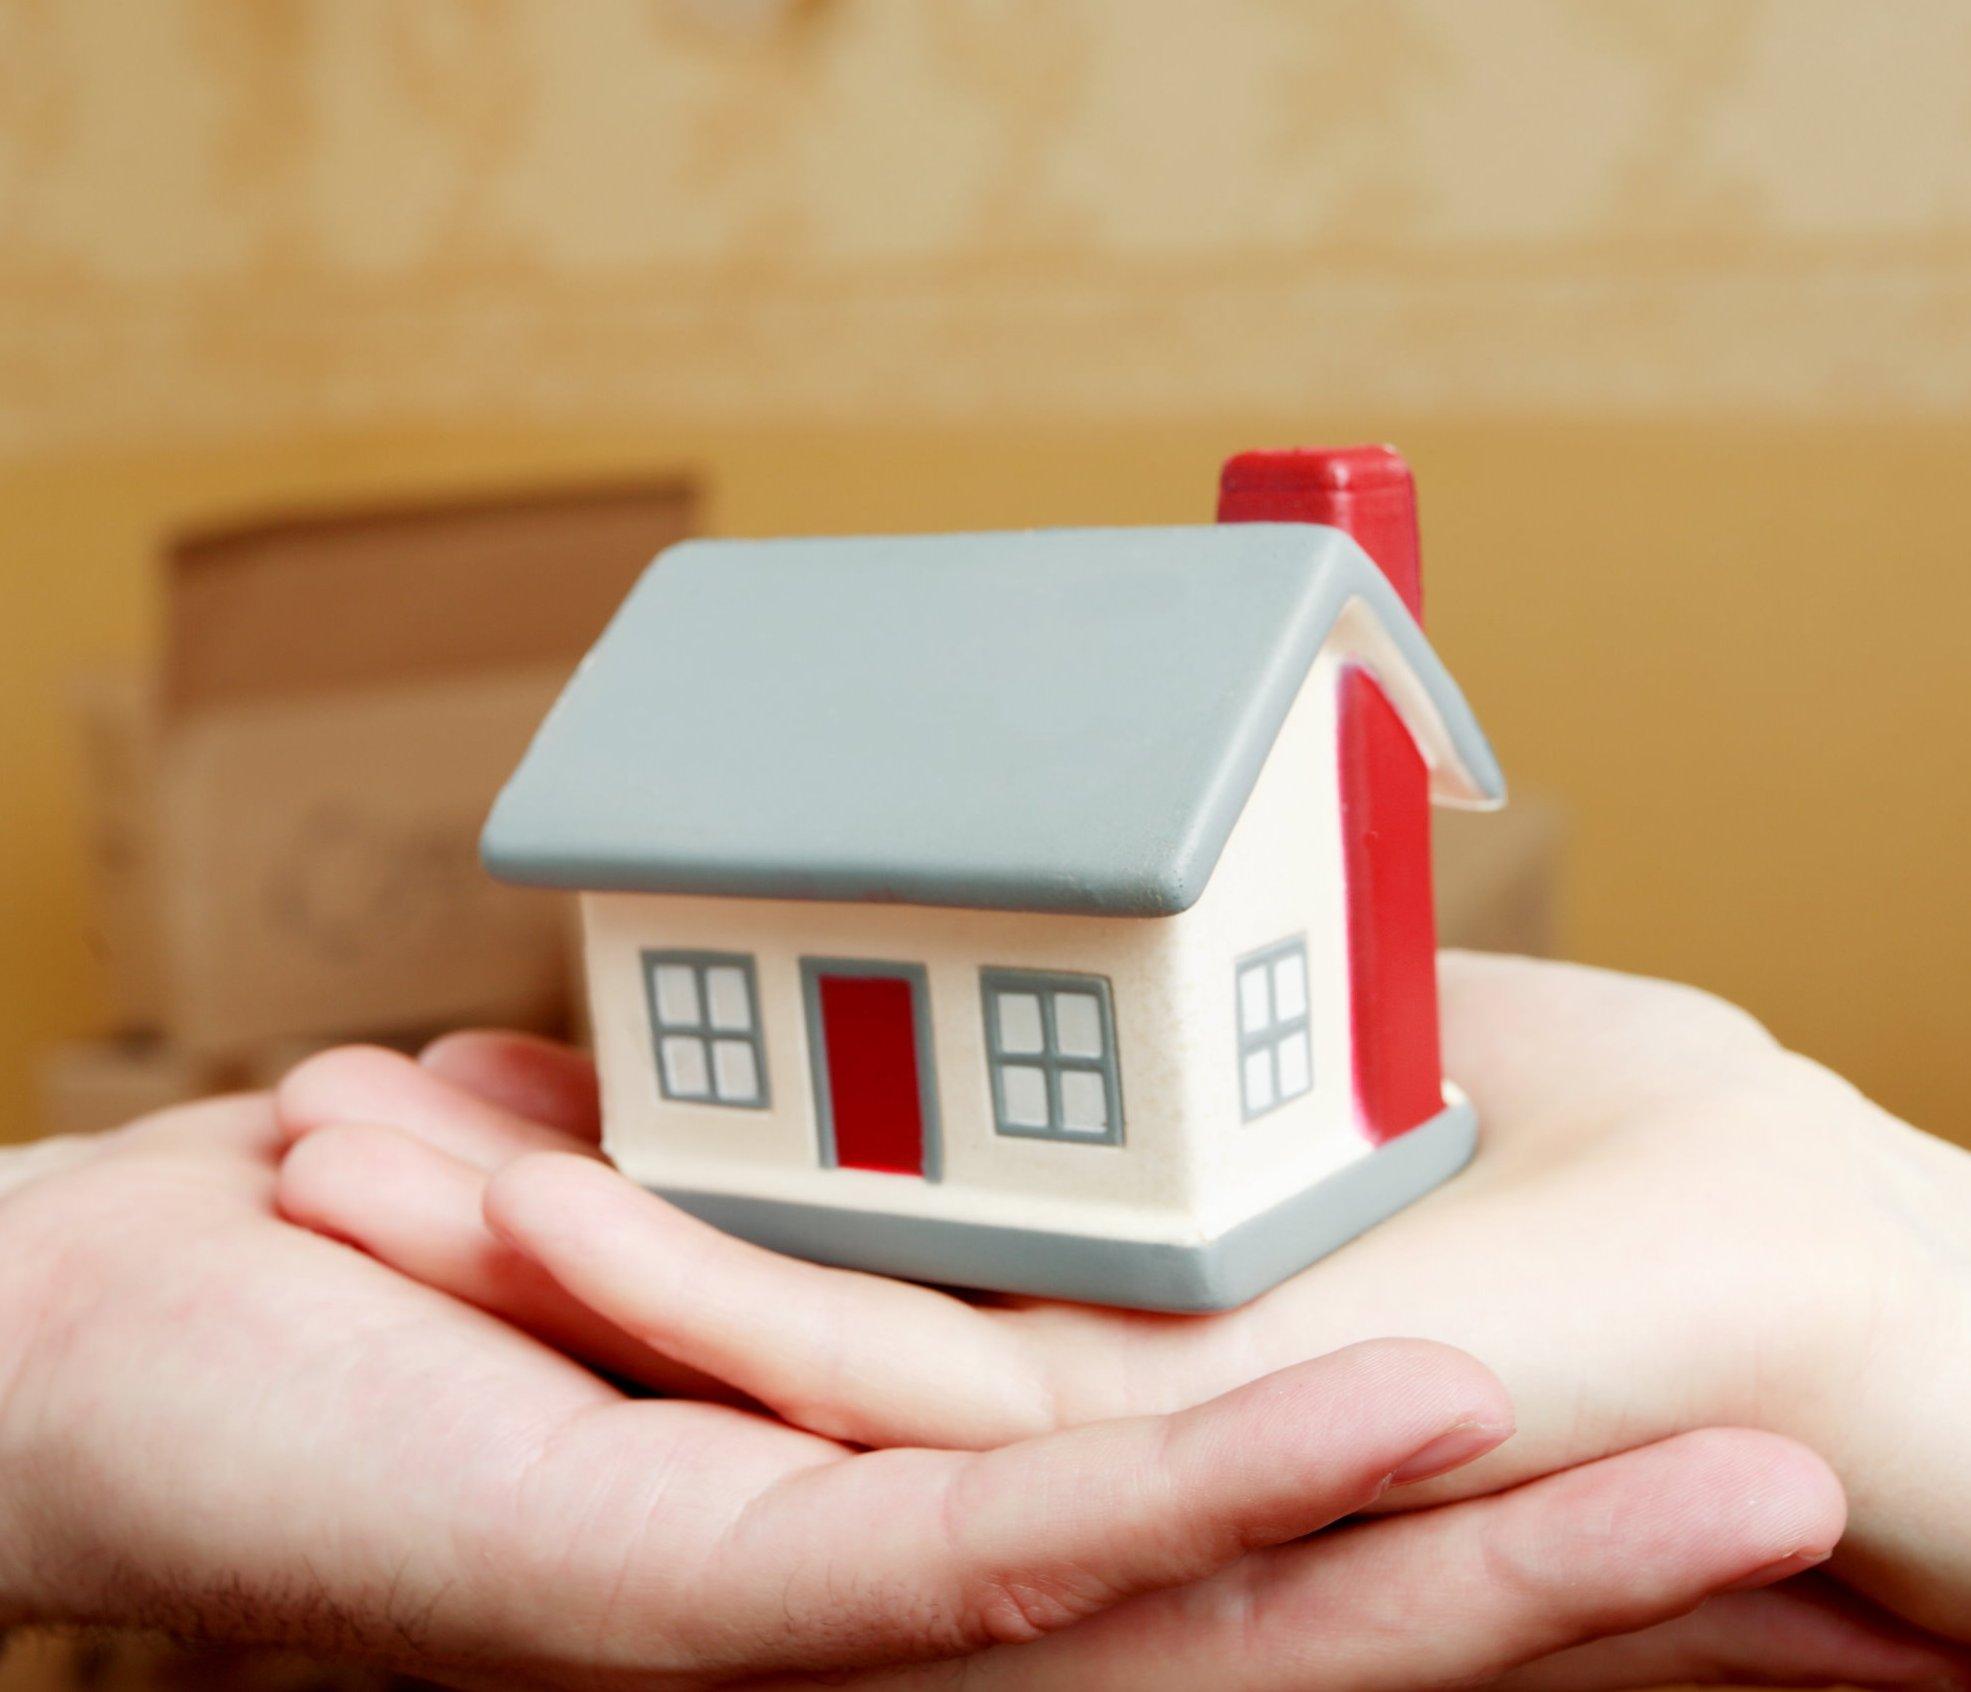 Acheter une maison : faire un prêt bancaire